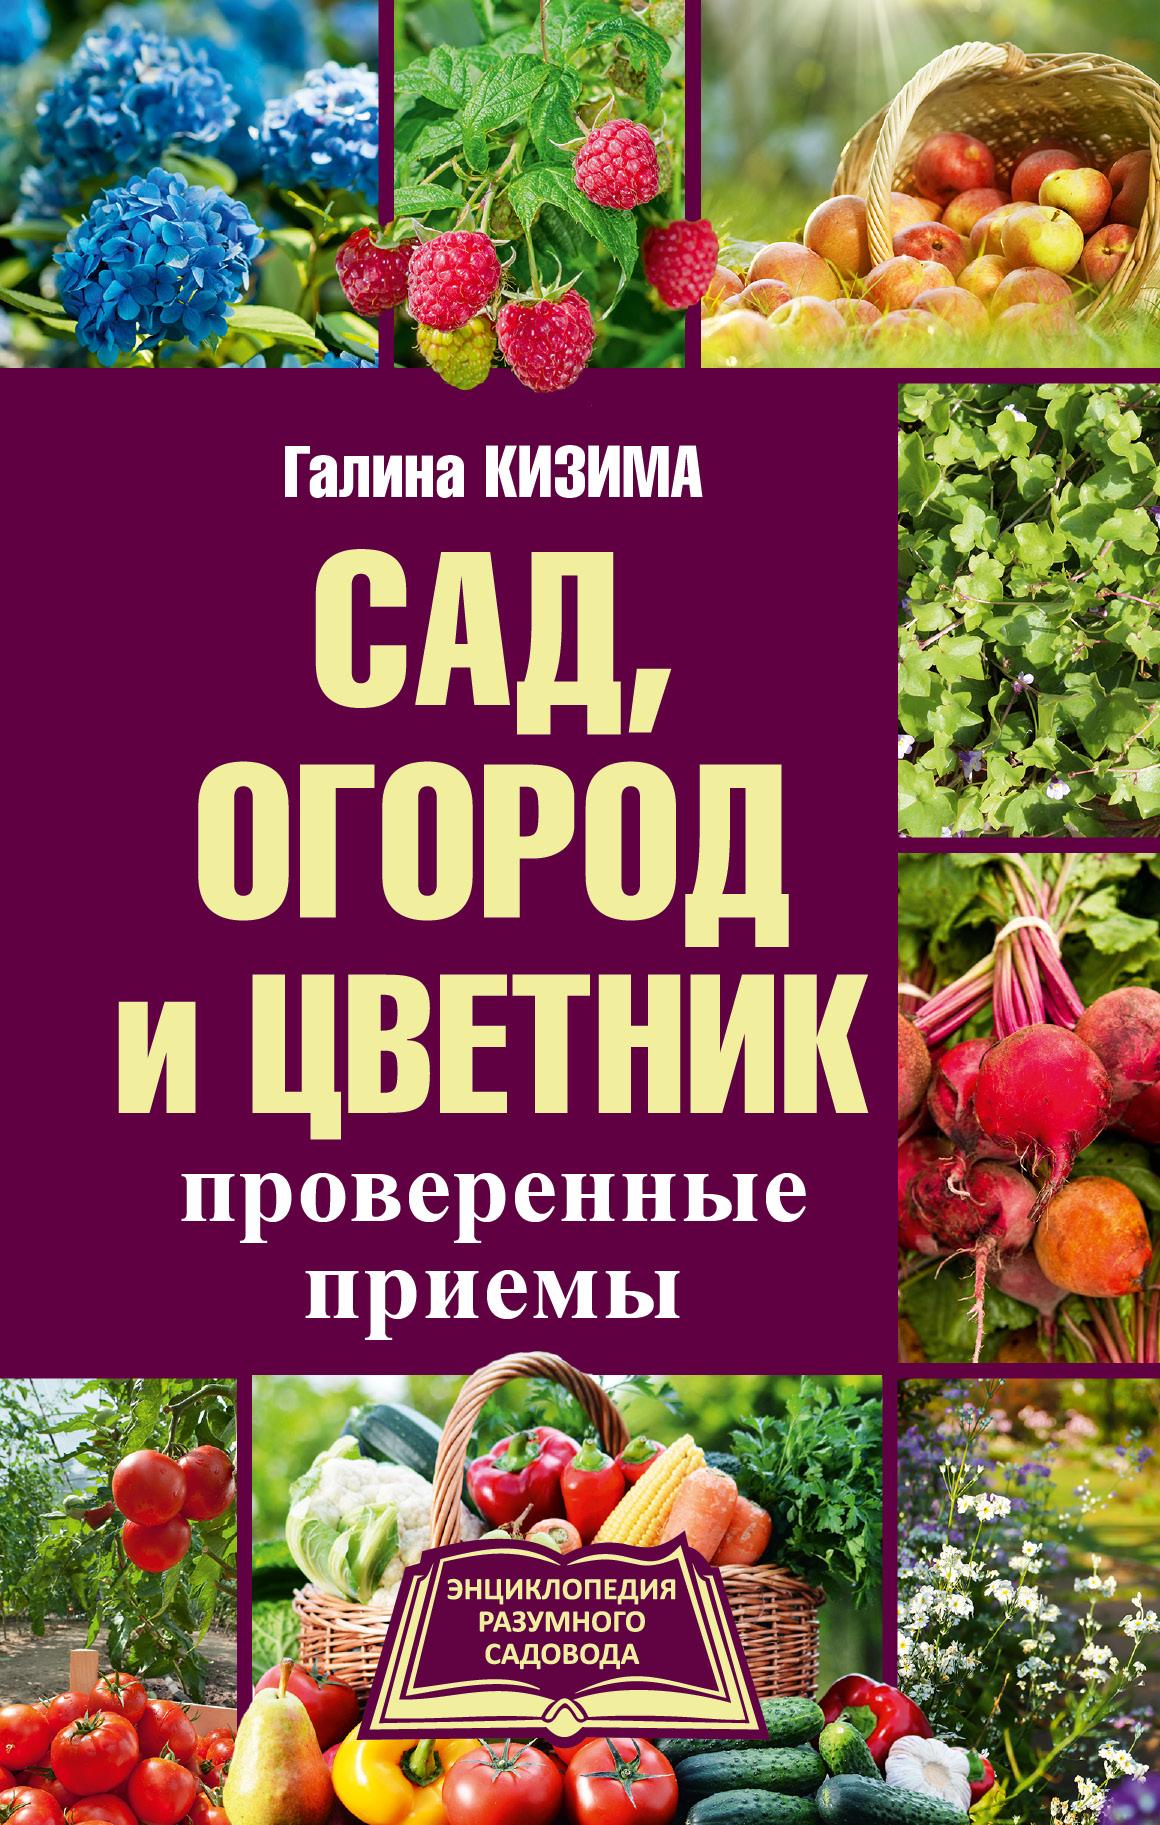 Галина Кизима Сад, огород и цветник. Проверенные приемы